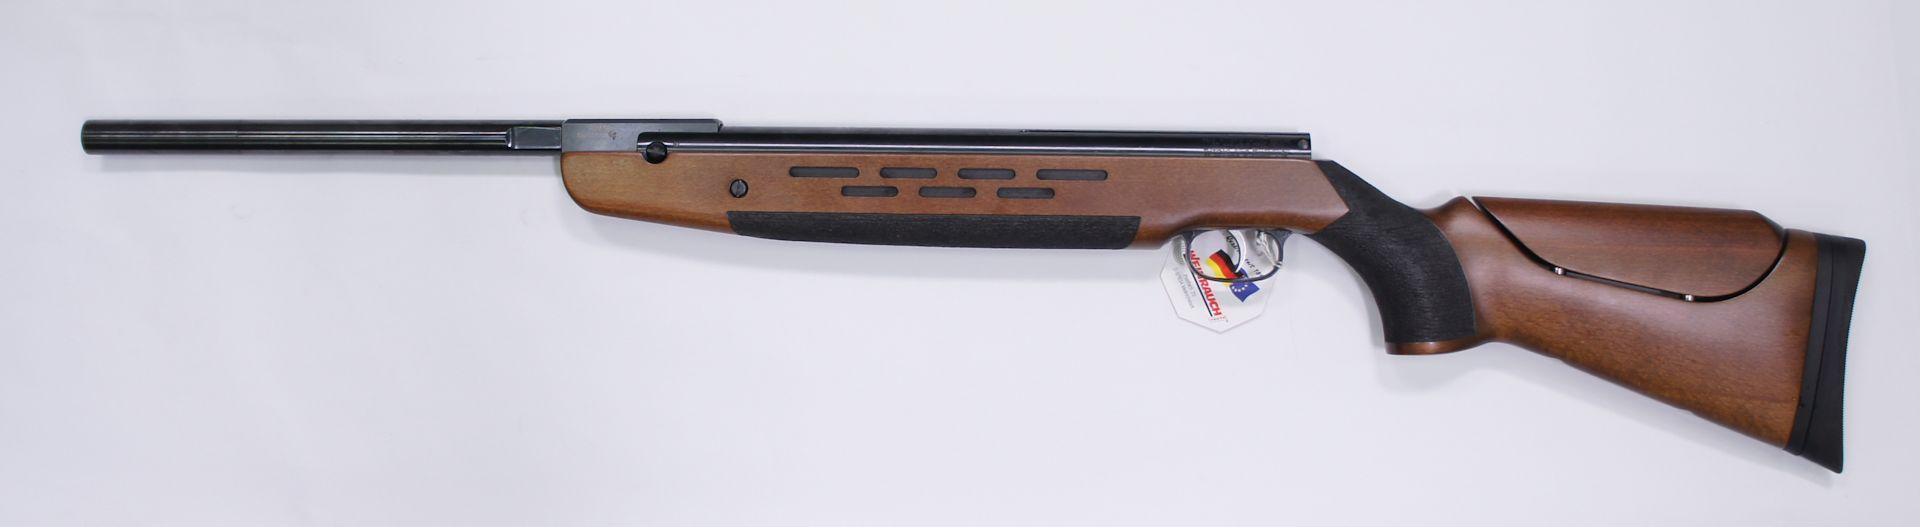 Luftgewehr Weihrauch HW 98, F, 4,5 mm